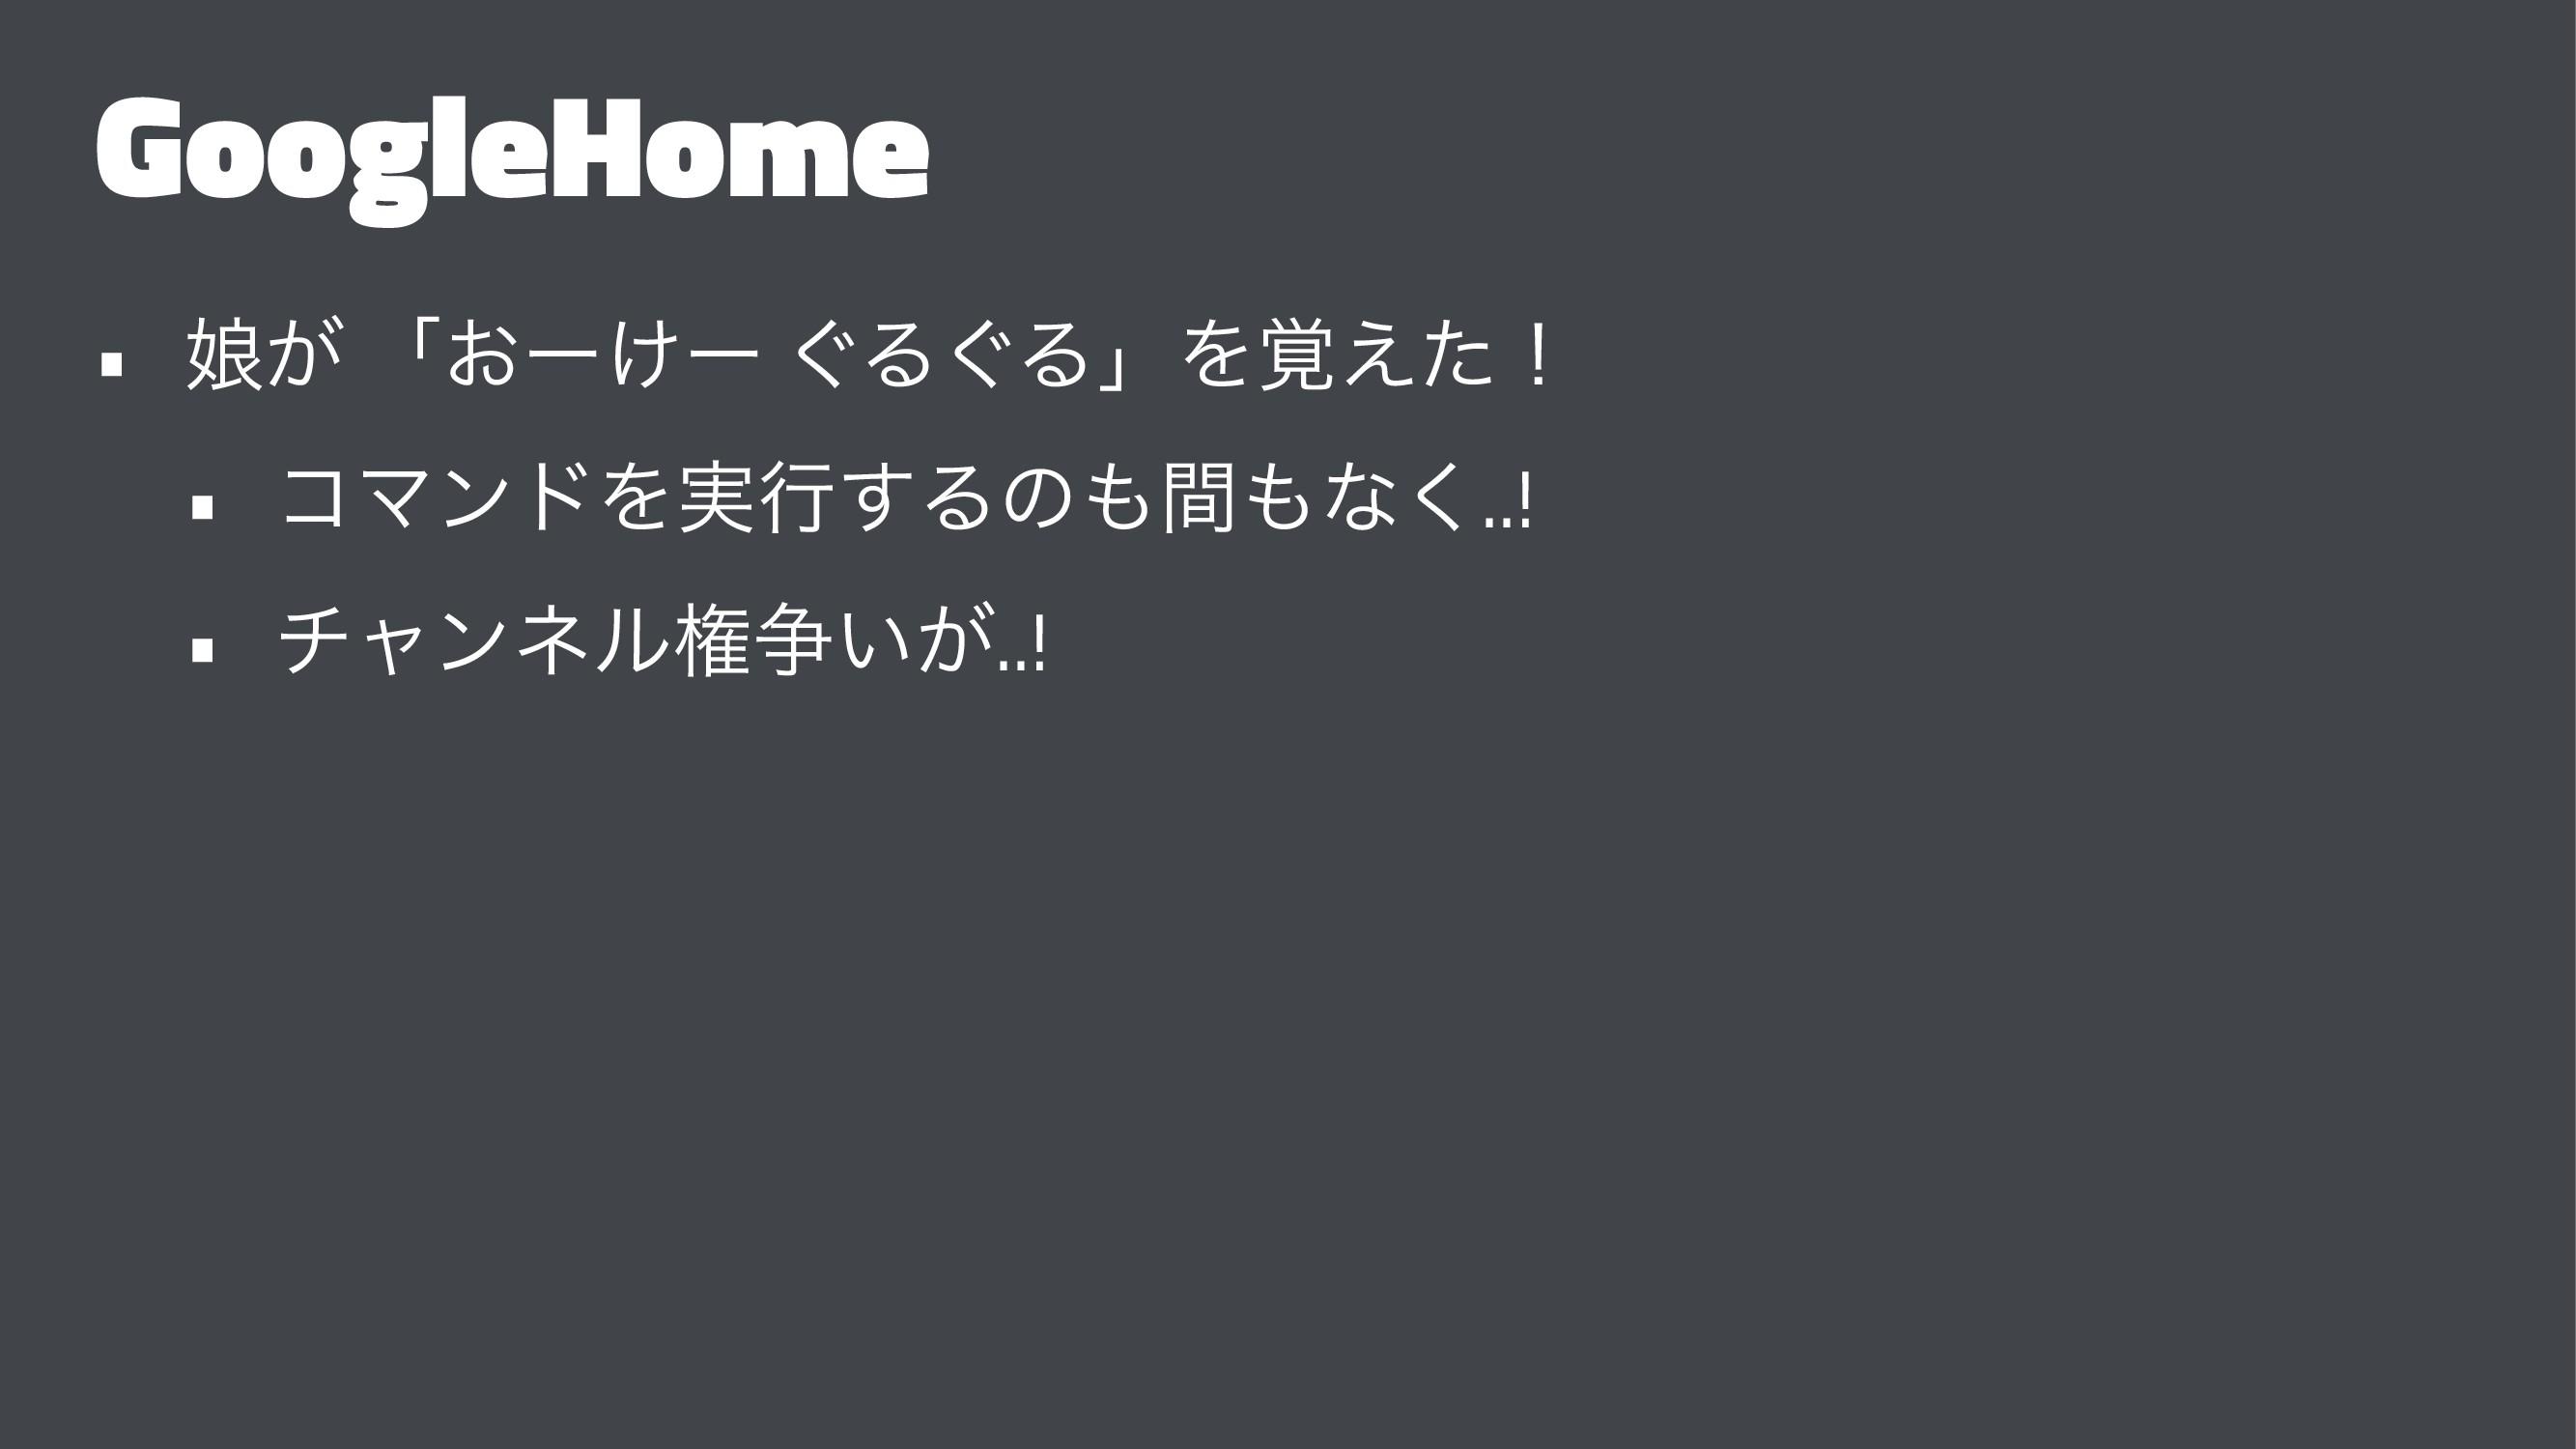 GoogleHome • ່͕ ʮ͓ʔ͚ʔ ͙Δ͙ΔʯΛ֮͑ͨʂ • ίϚϯυΛ࣮ߦ͢Δͷؒ...